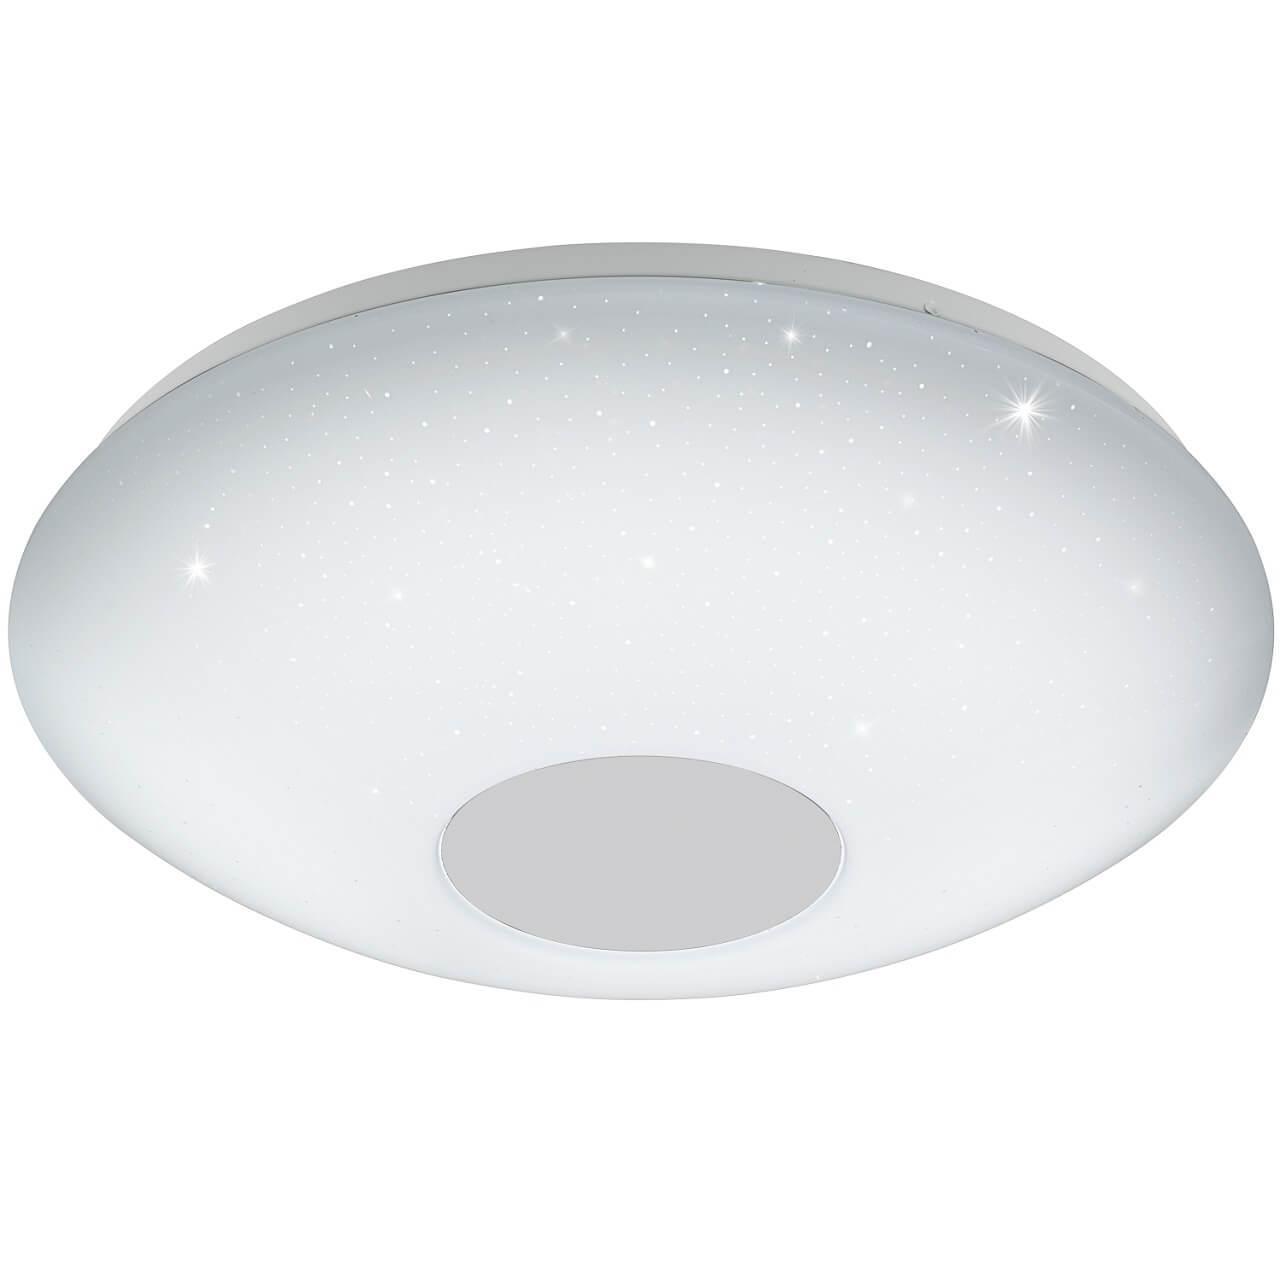 Потолочный светильник Eglo 95973, белый цена и фото